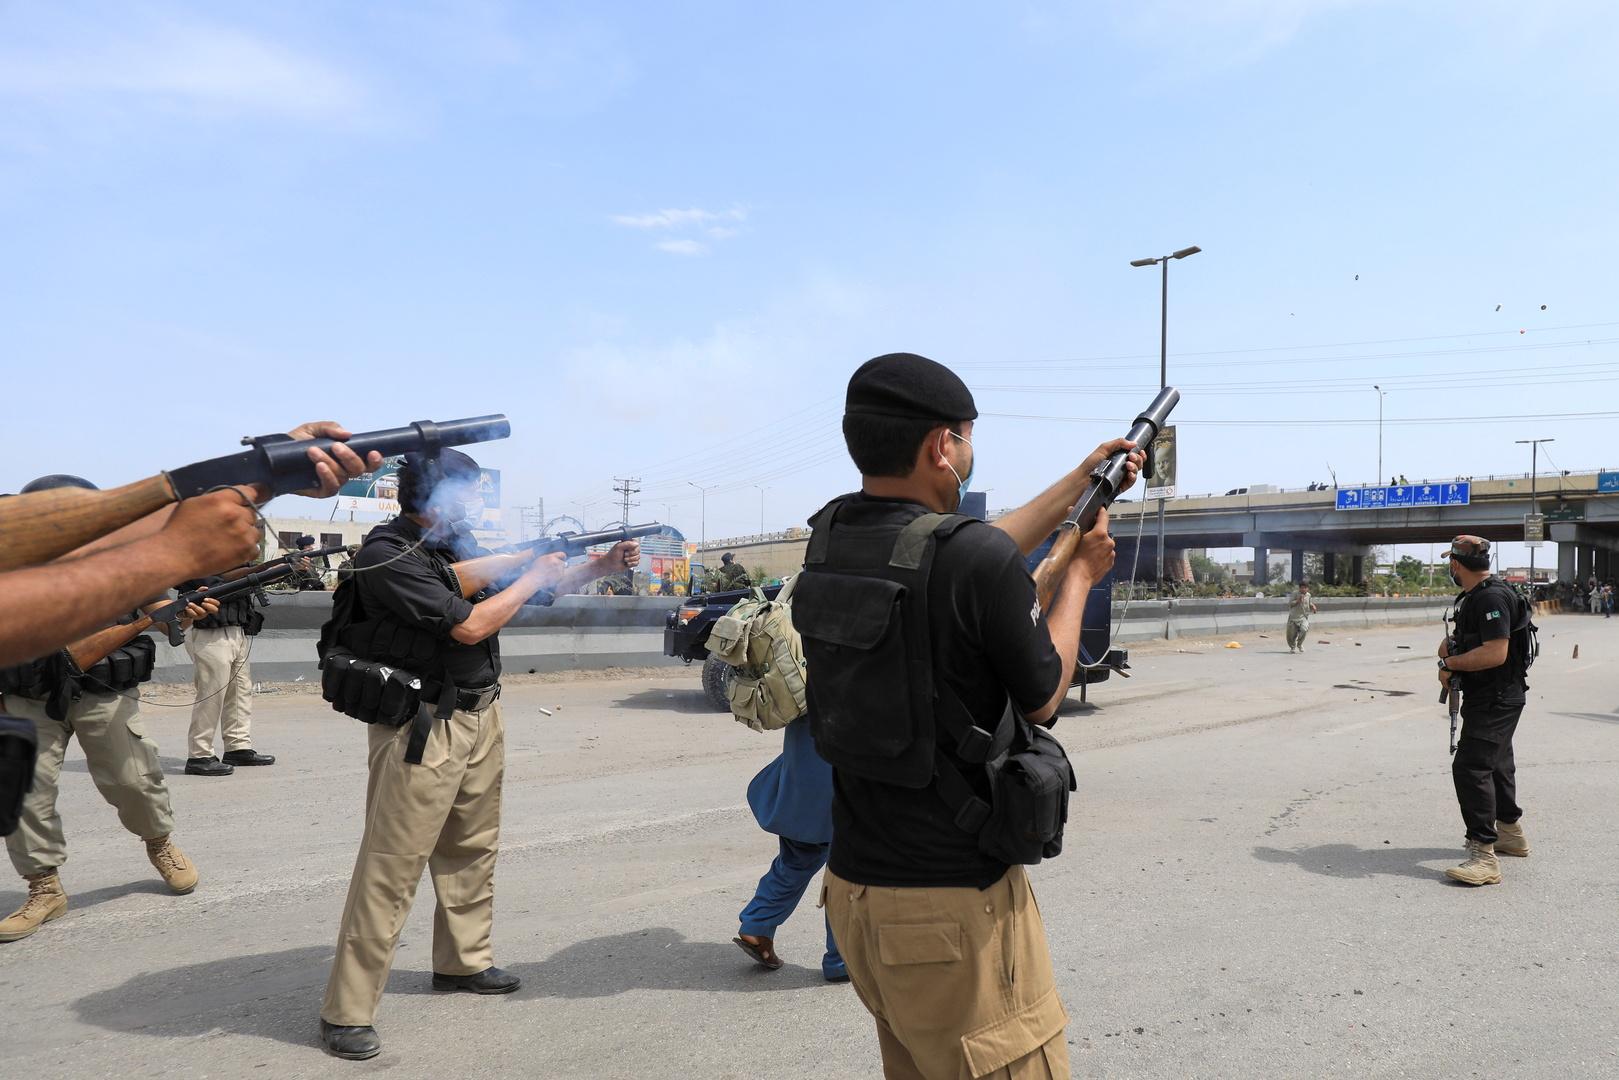 الجيش الباكستاني: مقتل خمسة جنود في هجوم نفذه مسلحون